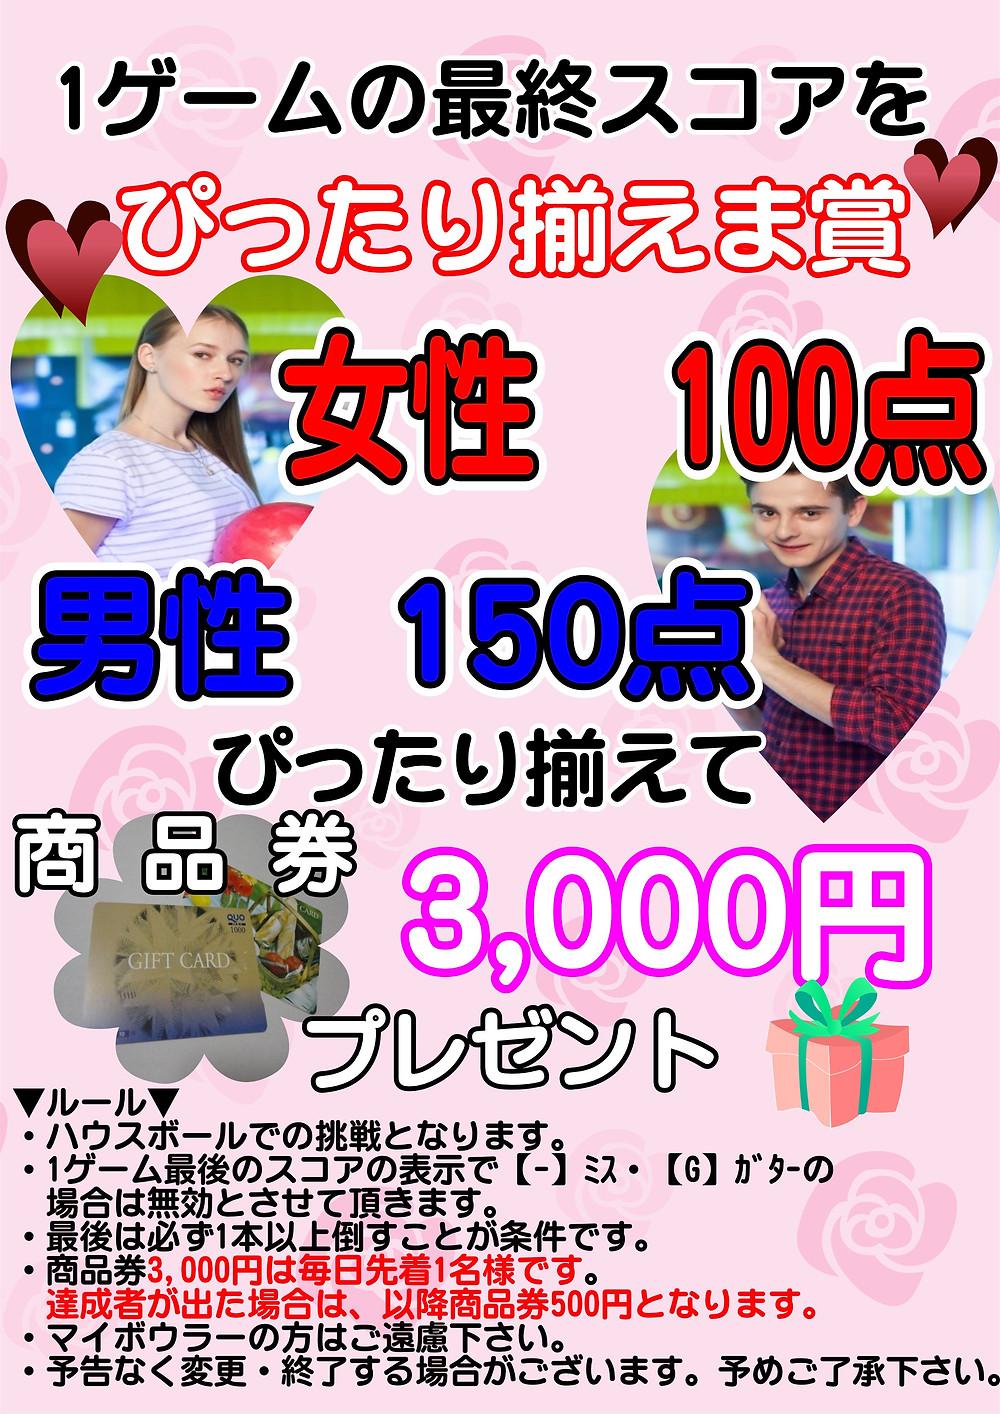 1ゲームの最終スコアをぴったり揃えて、ギフト券3000円プレゼントキャンペーン開催中♡